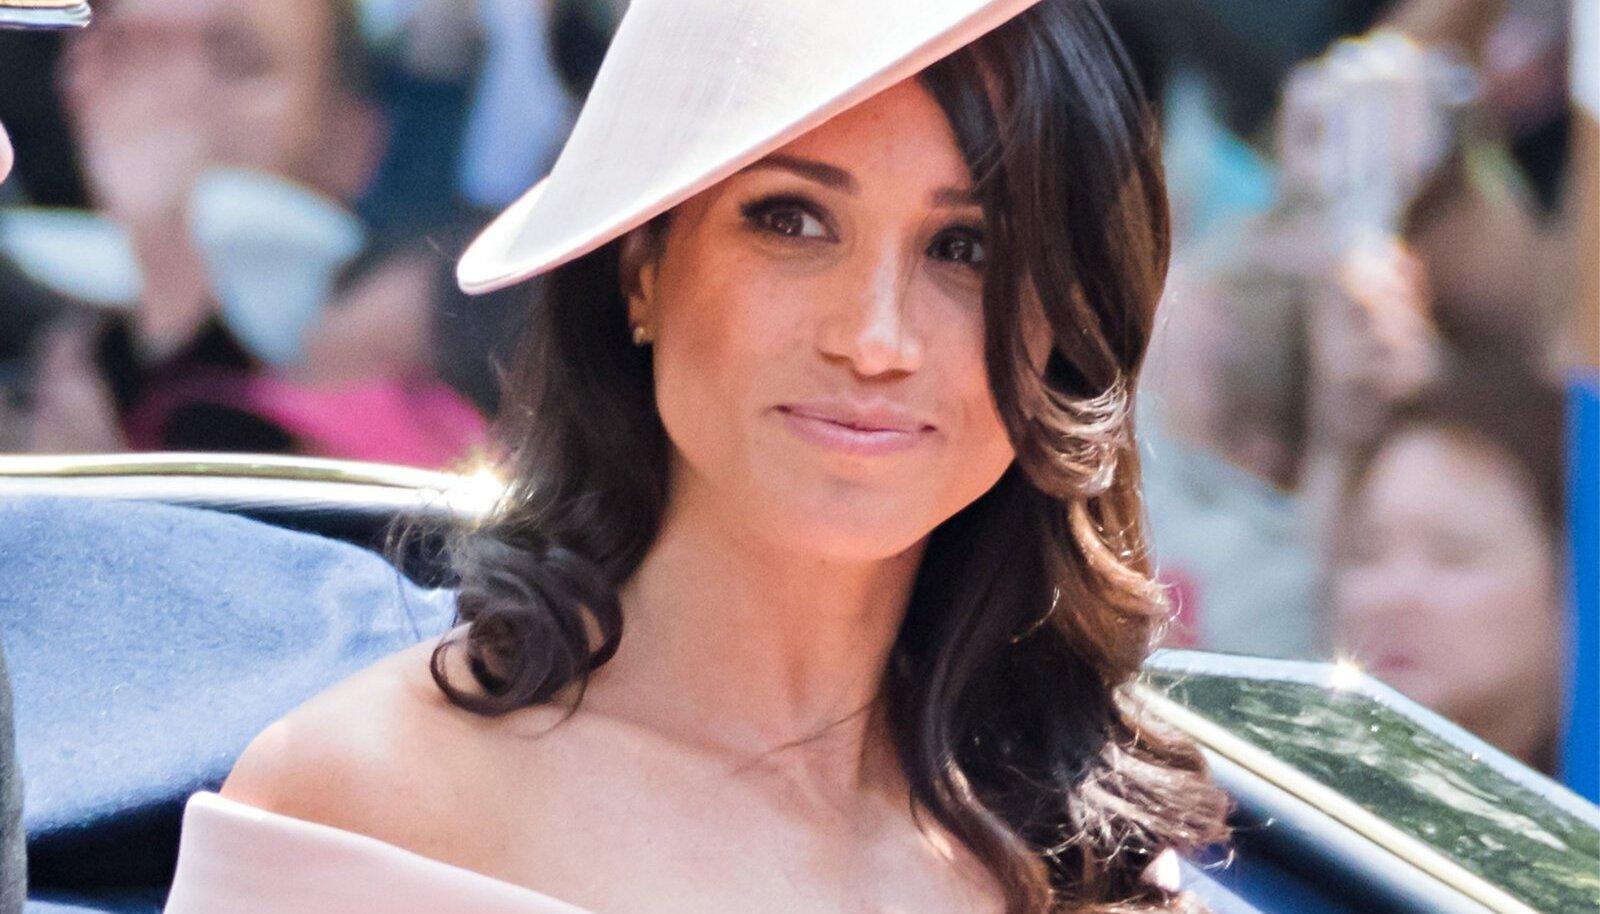 Pärast pulmi ilmus Meghan esimest korda avalikkuse ette kuninganna Elizabeth II sünnipäeval ja kandis Carolina Herrera paljaste õlgadega kleiti. Ta rikkus taaskord protokolli, sest kuningapere naistel pole tavaks kanda paljaid õlgu.